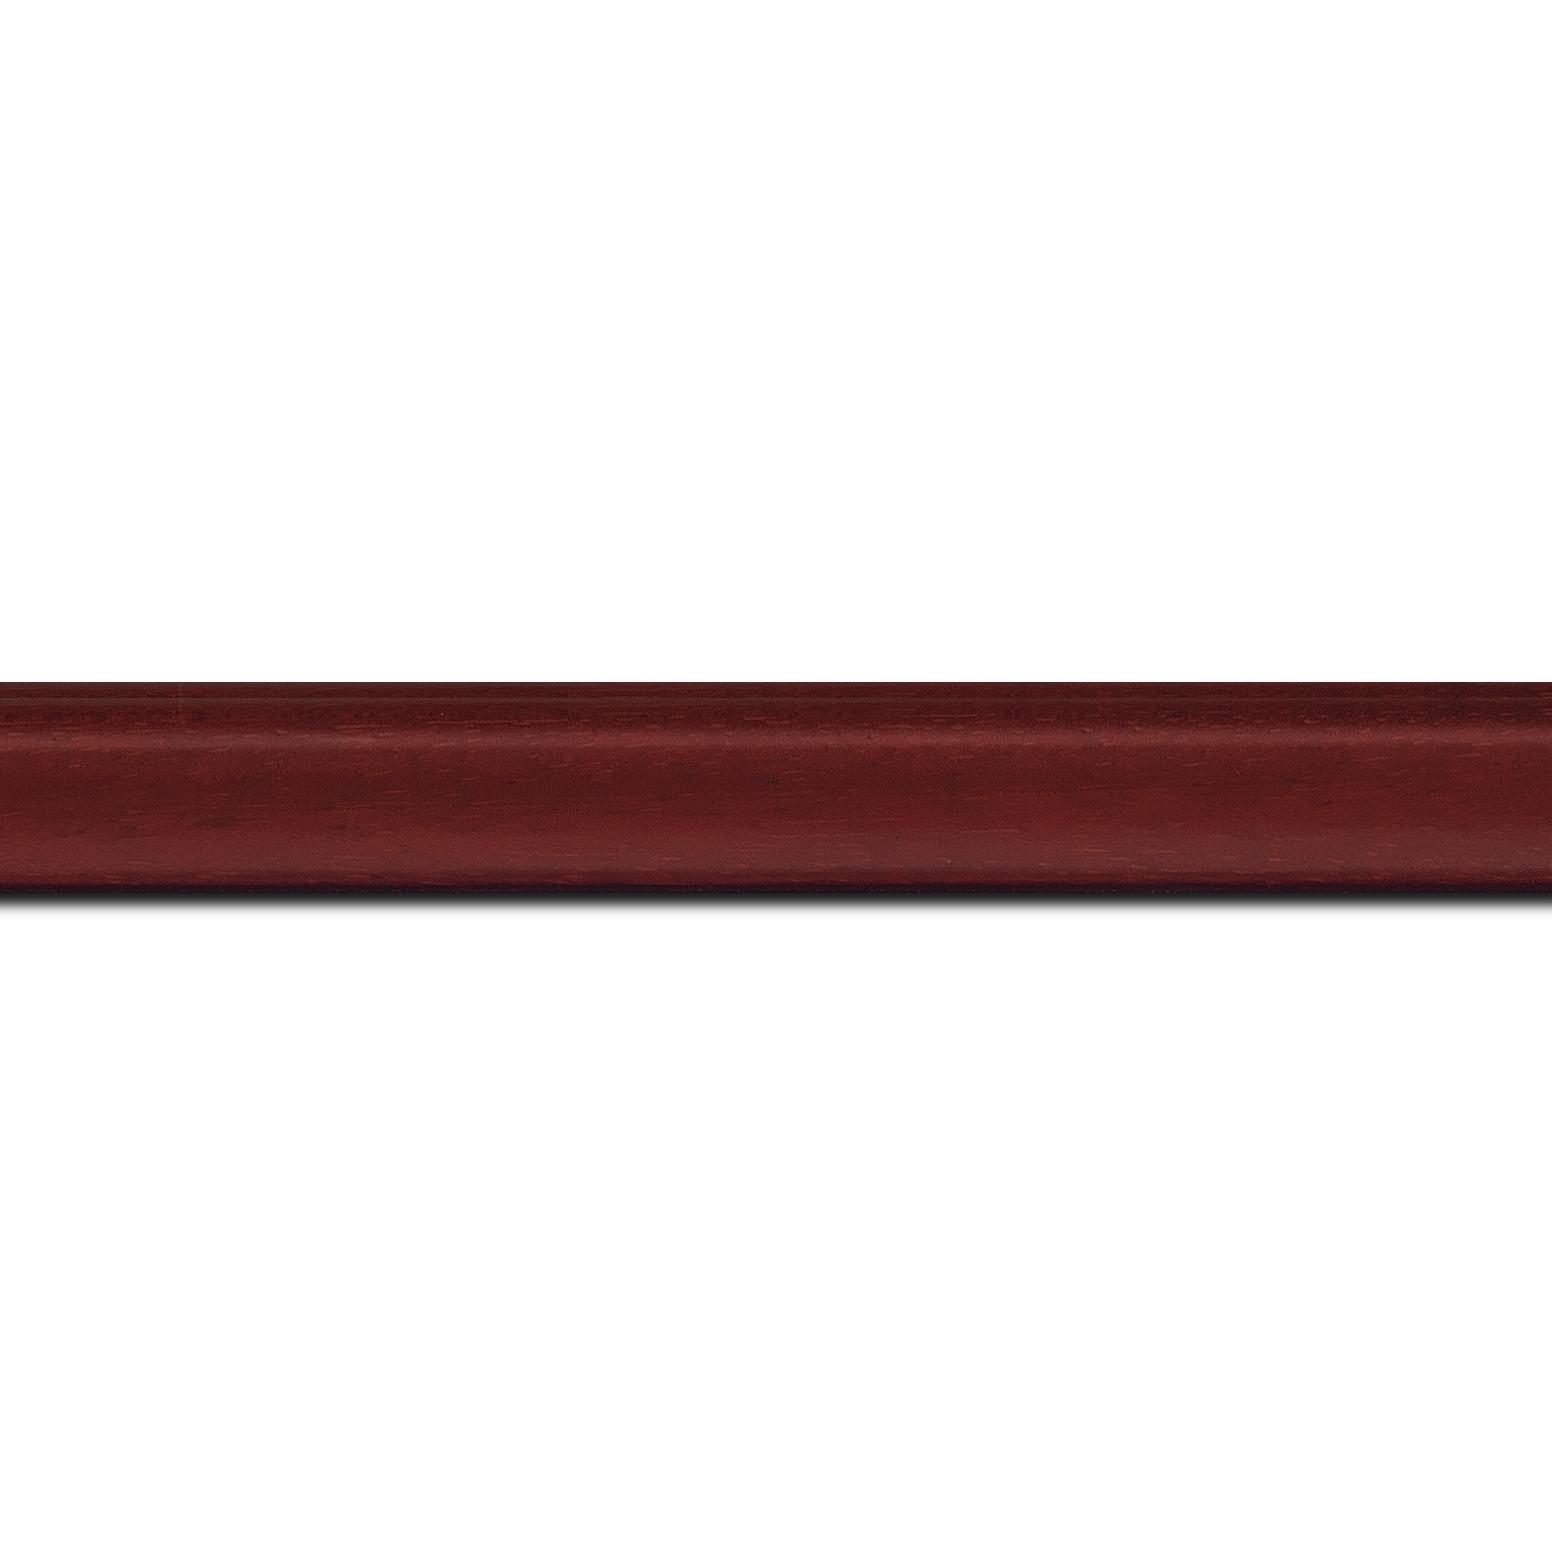 Baguette longueur 1.40m bois profil incuvé largeur 2.1cm couleur bordeaux satiné